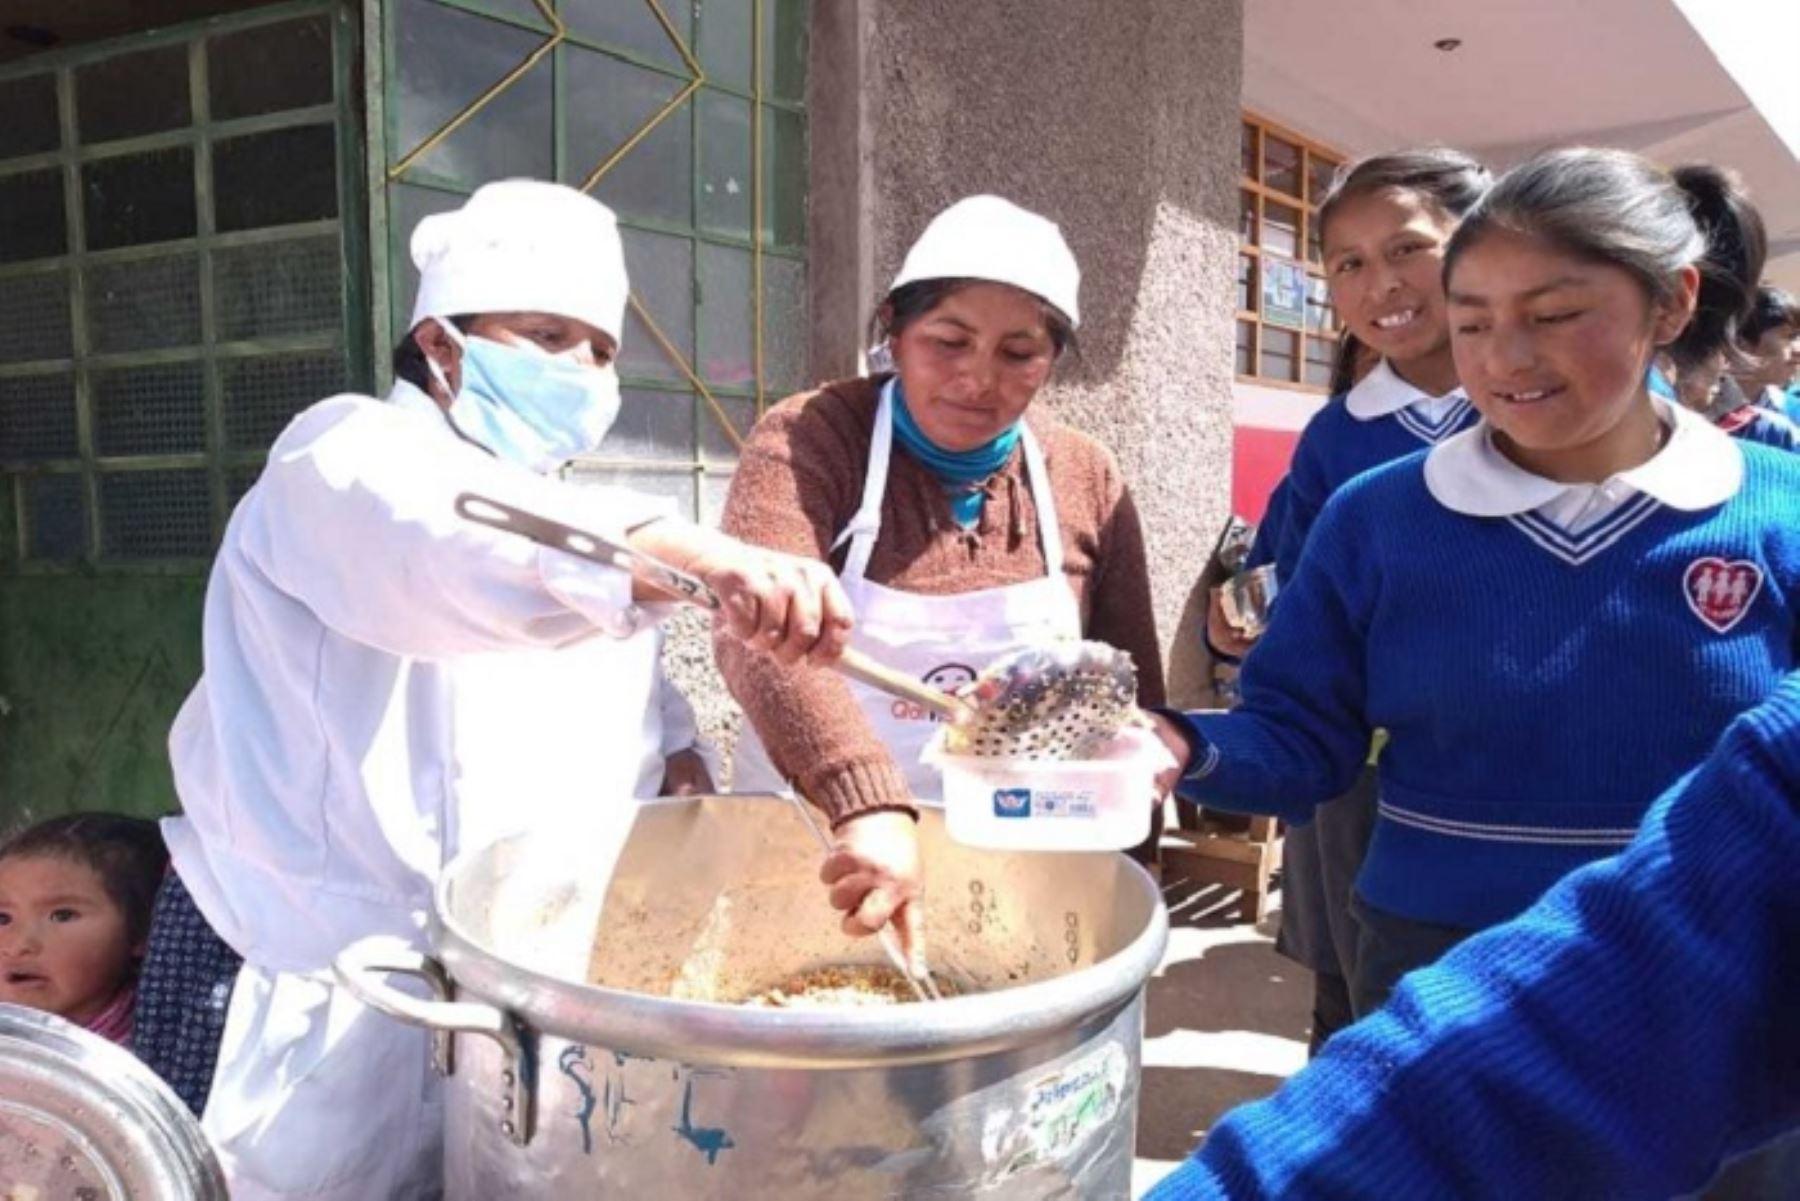 Gracias al esfuerzo y trabajo articulado que realiza el Ministerio de Desarrollo e Inclusión Social (Midis)y el Ministerio de Educación (Minedu), se inició la atención a 5,220 alumnos de secundaria de colegios de Jornada Escolar Completa (JEC) de la región Puno, quienes recibirán los desayunos y almuerzos escolares que brinda el Programa Nacional de Alimentación Escolar Qali Warma.